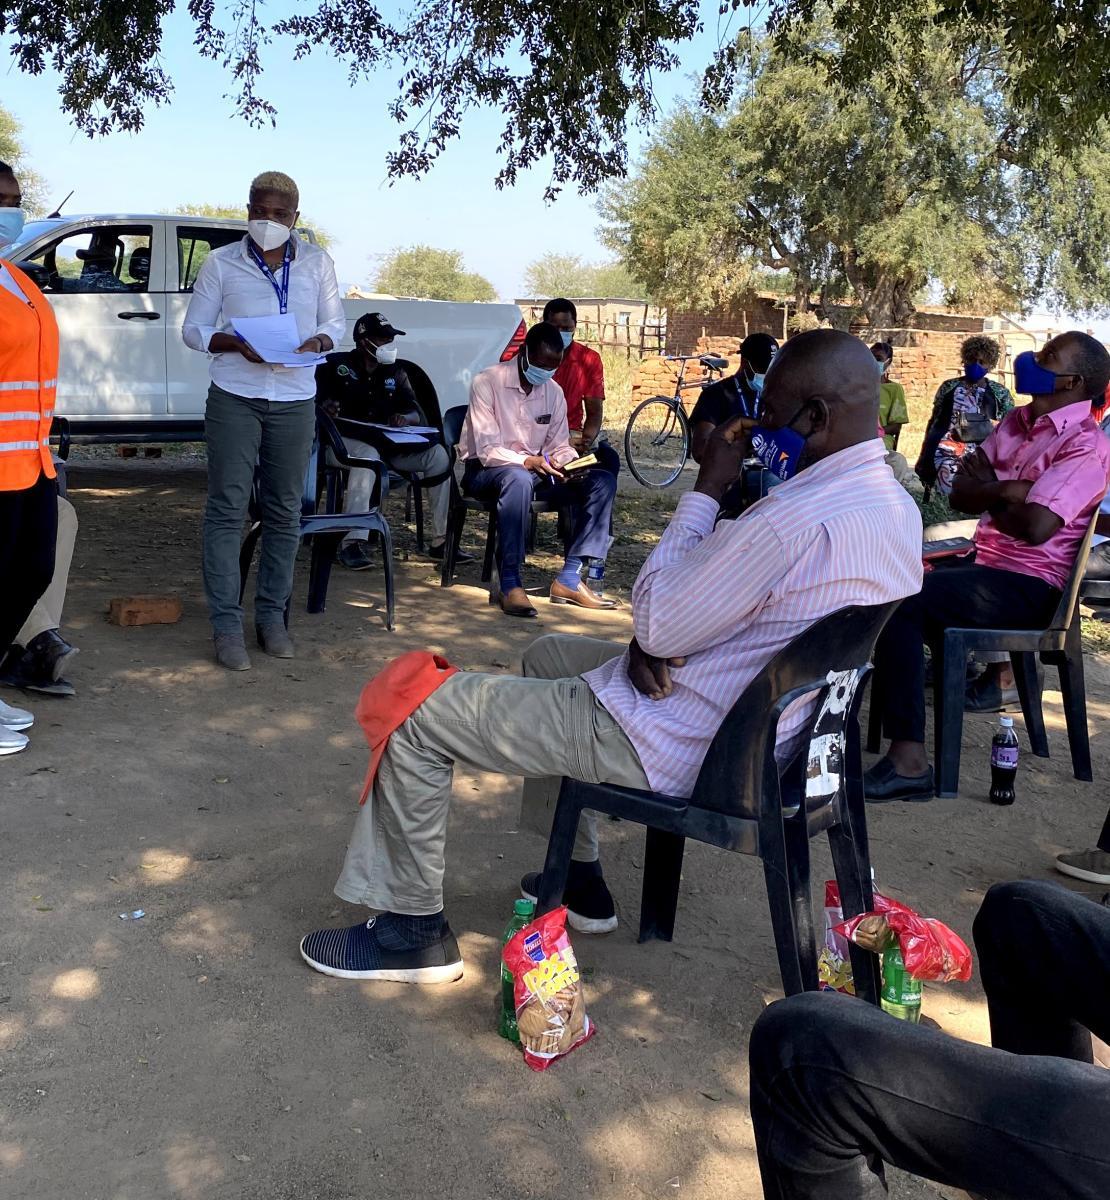 Personal de la ONU frente a un grupo de refugiados y solicitantes de asilo en el campo de Tongogara.